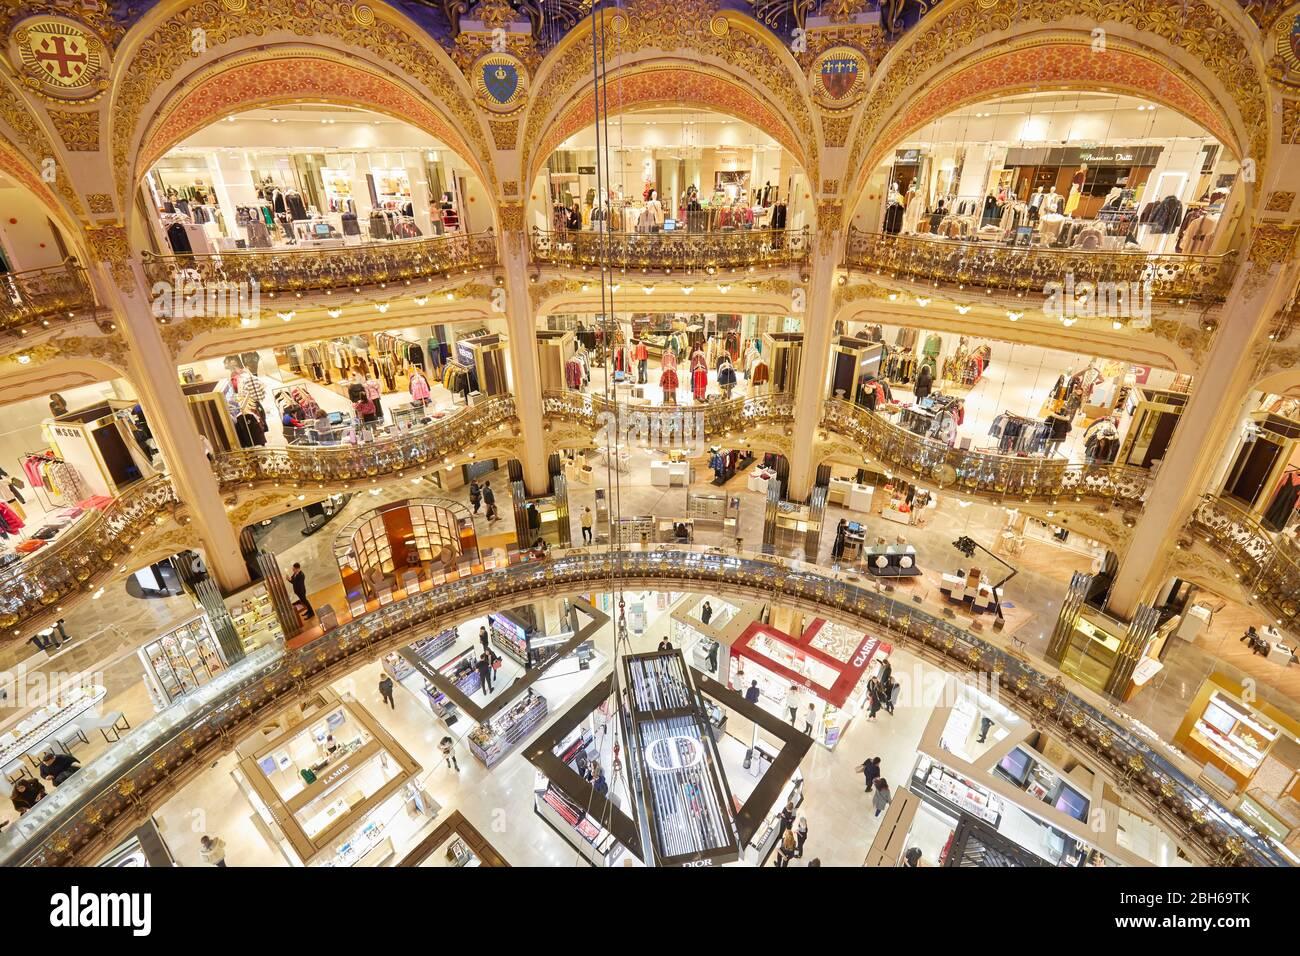 PARIS - 6 NOVEMBRE 2019 : intérieur des Galeries Lafayette à Paris, vue en grand angle avec arcades anciennes Banque D'Images